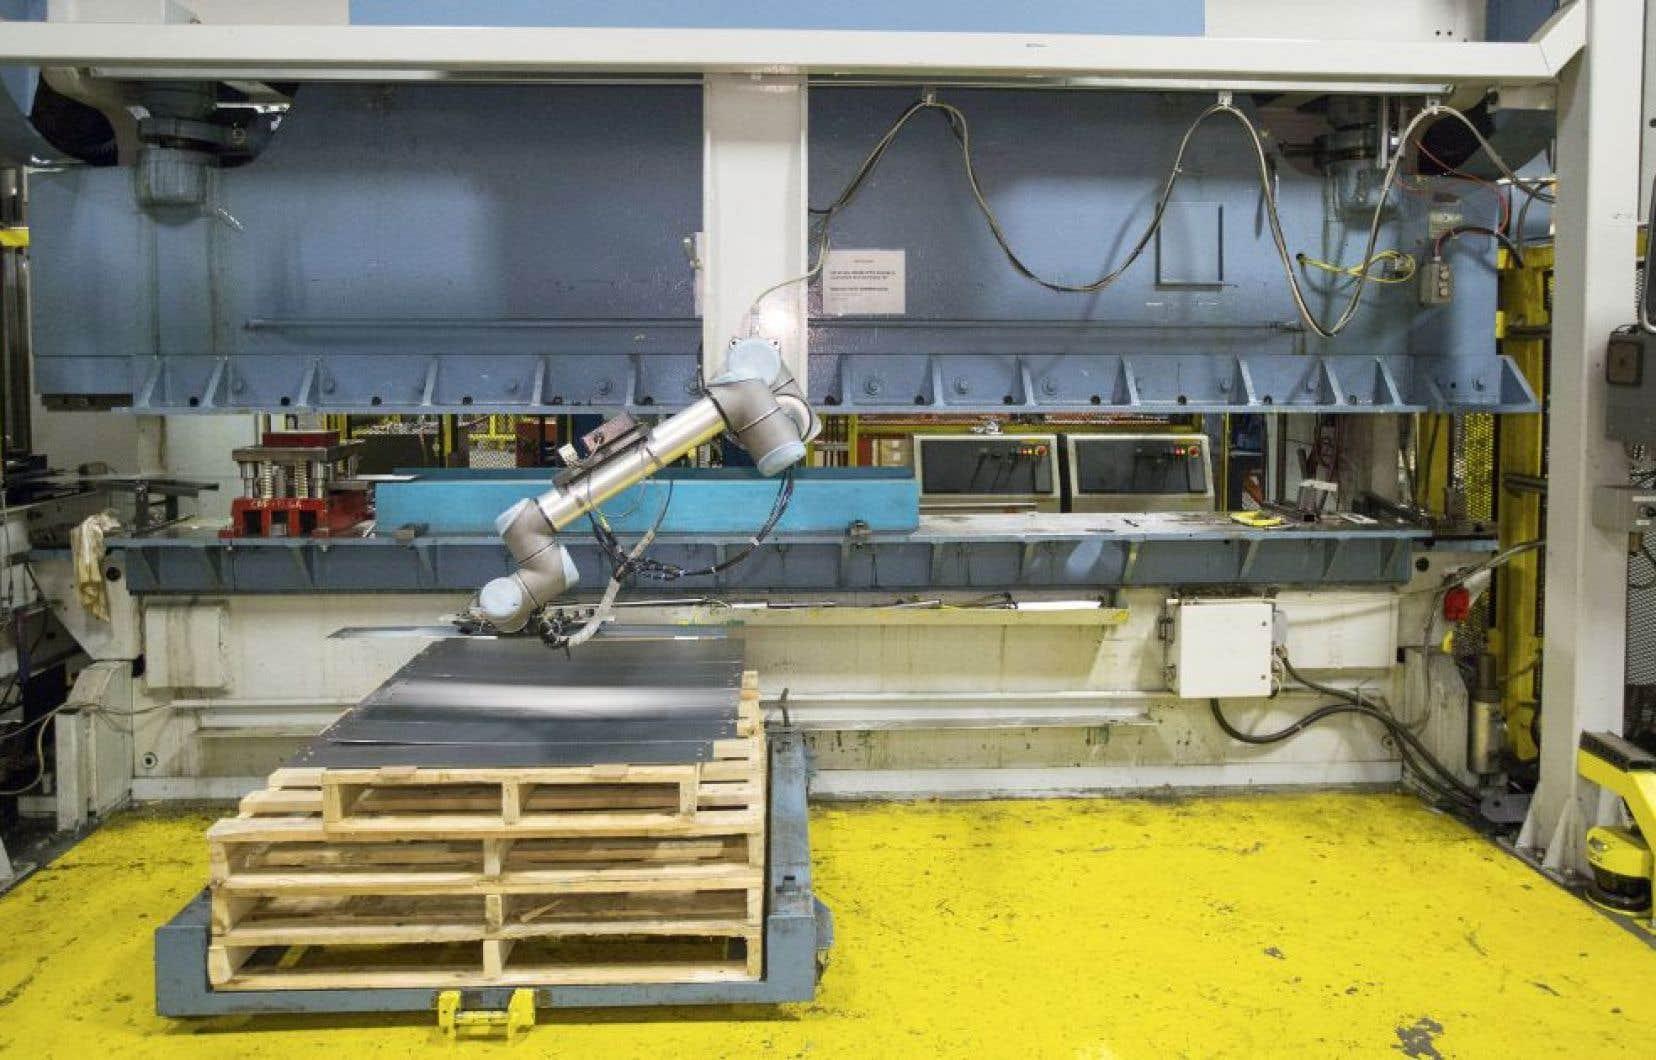 L'étude dévoile que les robots collaboratifs doivent être utilisés avec précaution.